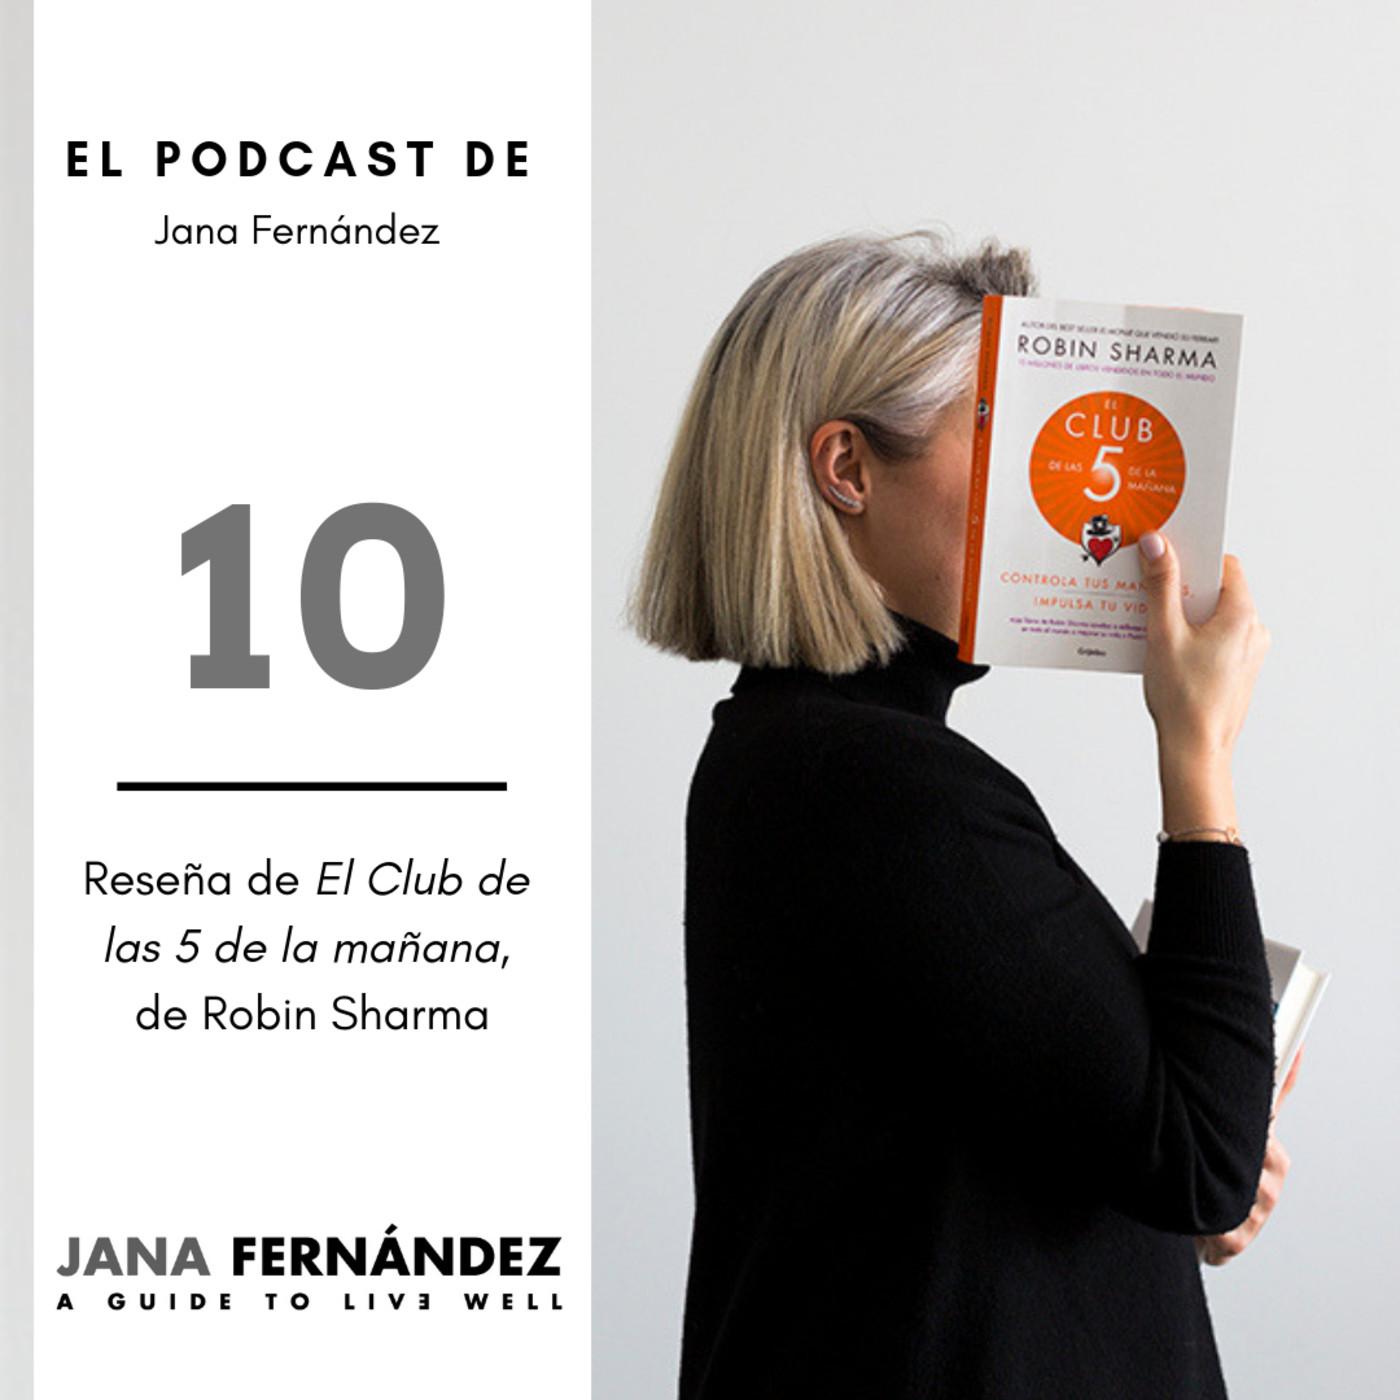 """""""El club de las 5am"""", de Robin Sharma en El Podcast de Jana Fernández en  mp3(01/04 a las 18:44:21) 26:37 33933434 - iVoox"""